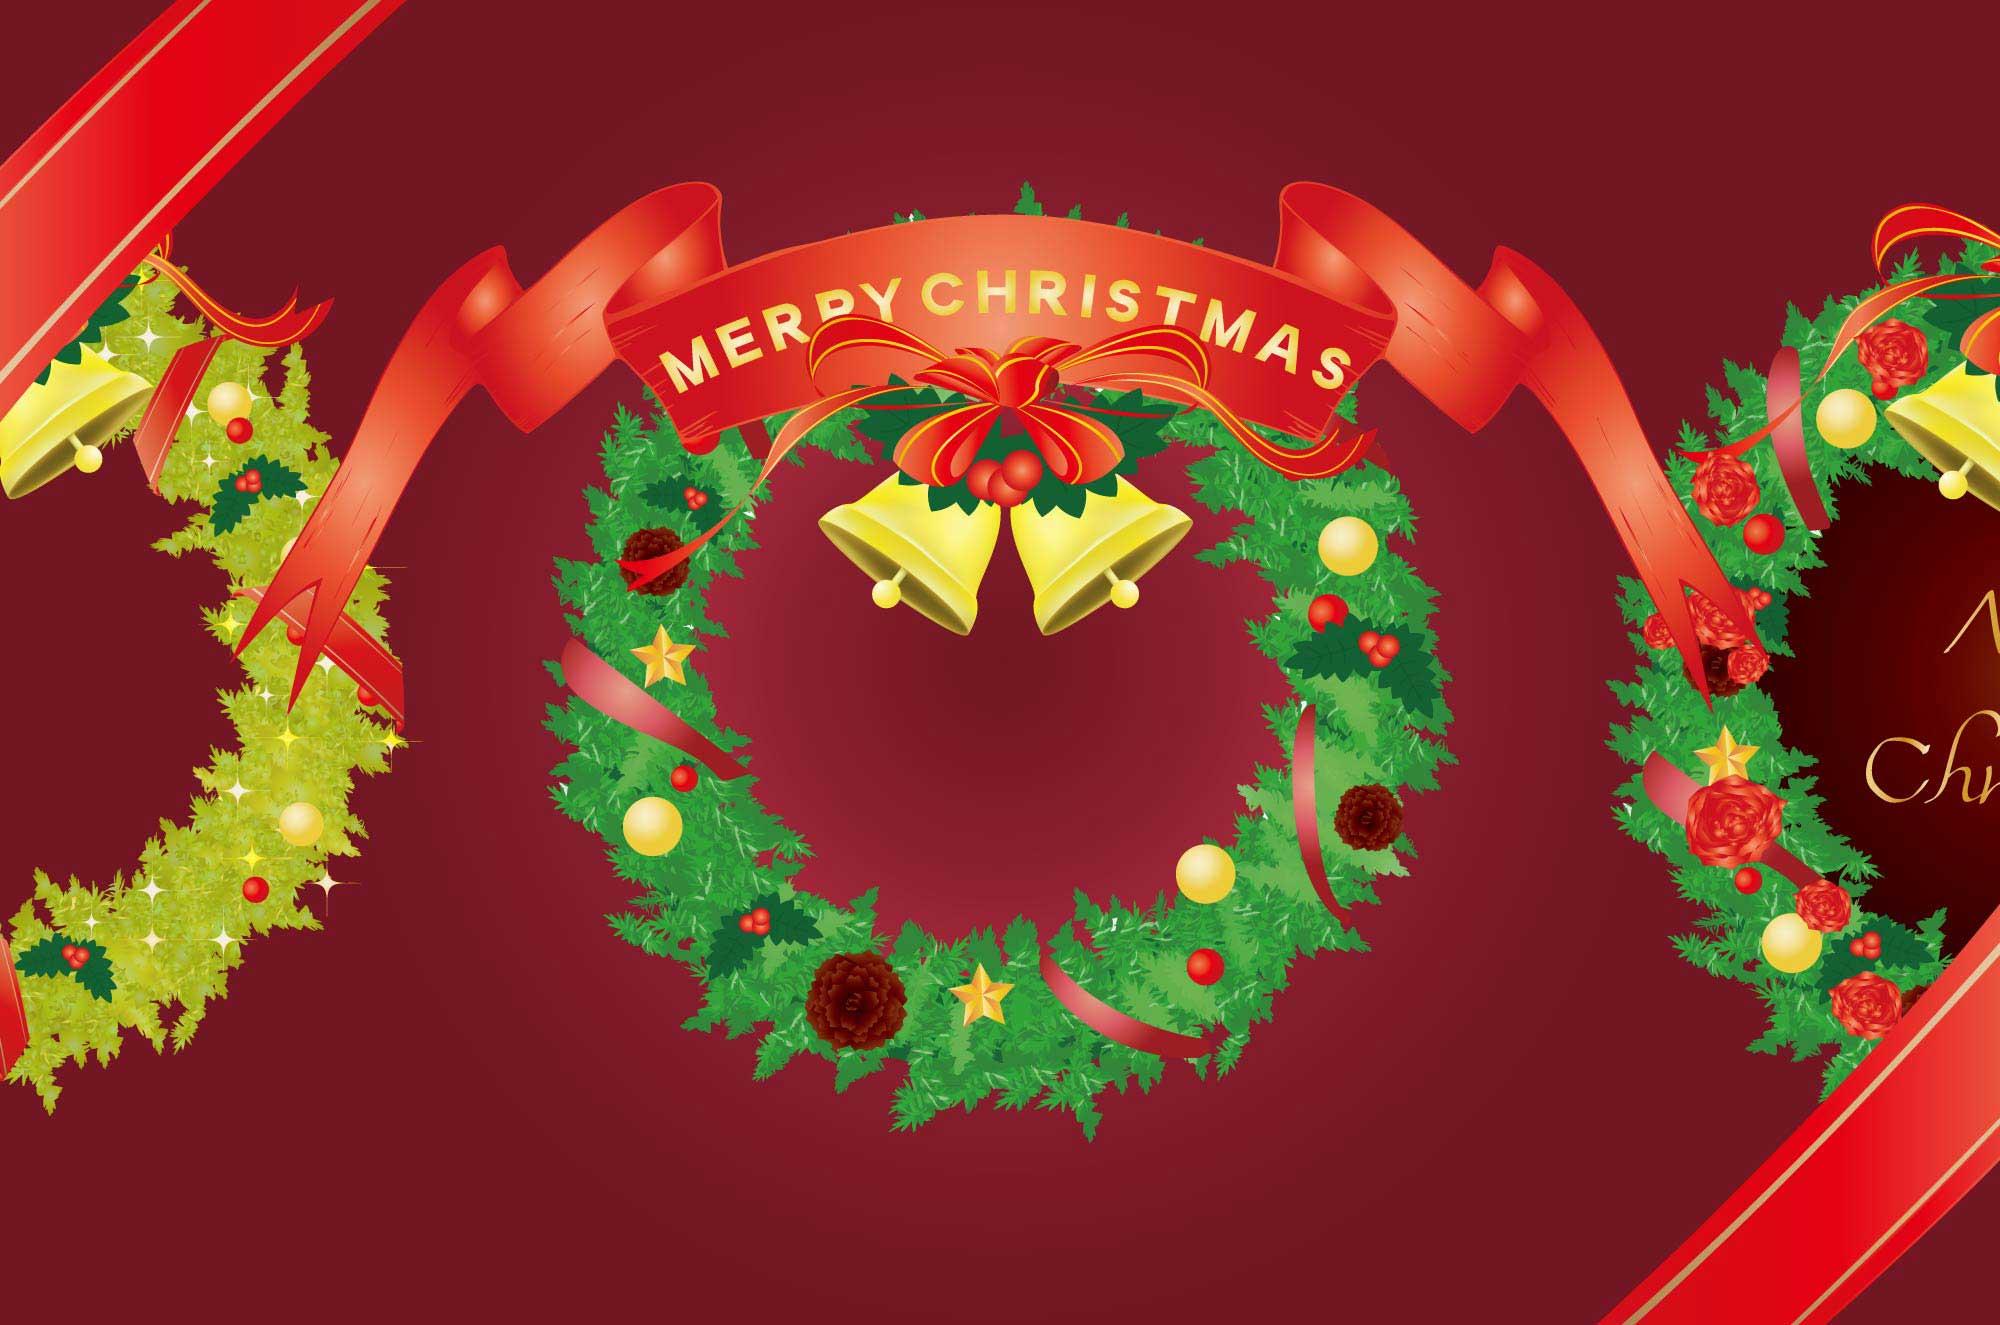 クリスマスリースのイラスト - 無料の可愛いデザイン素材